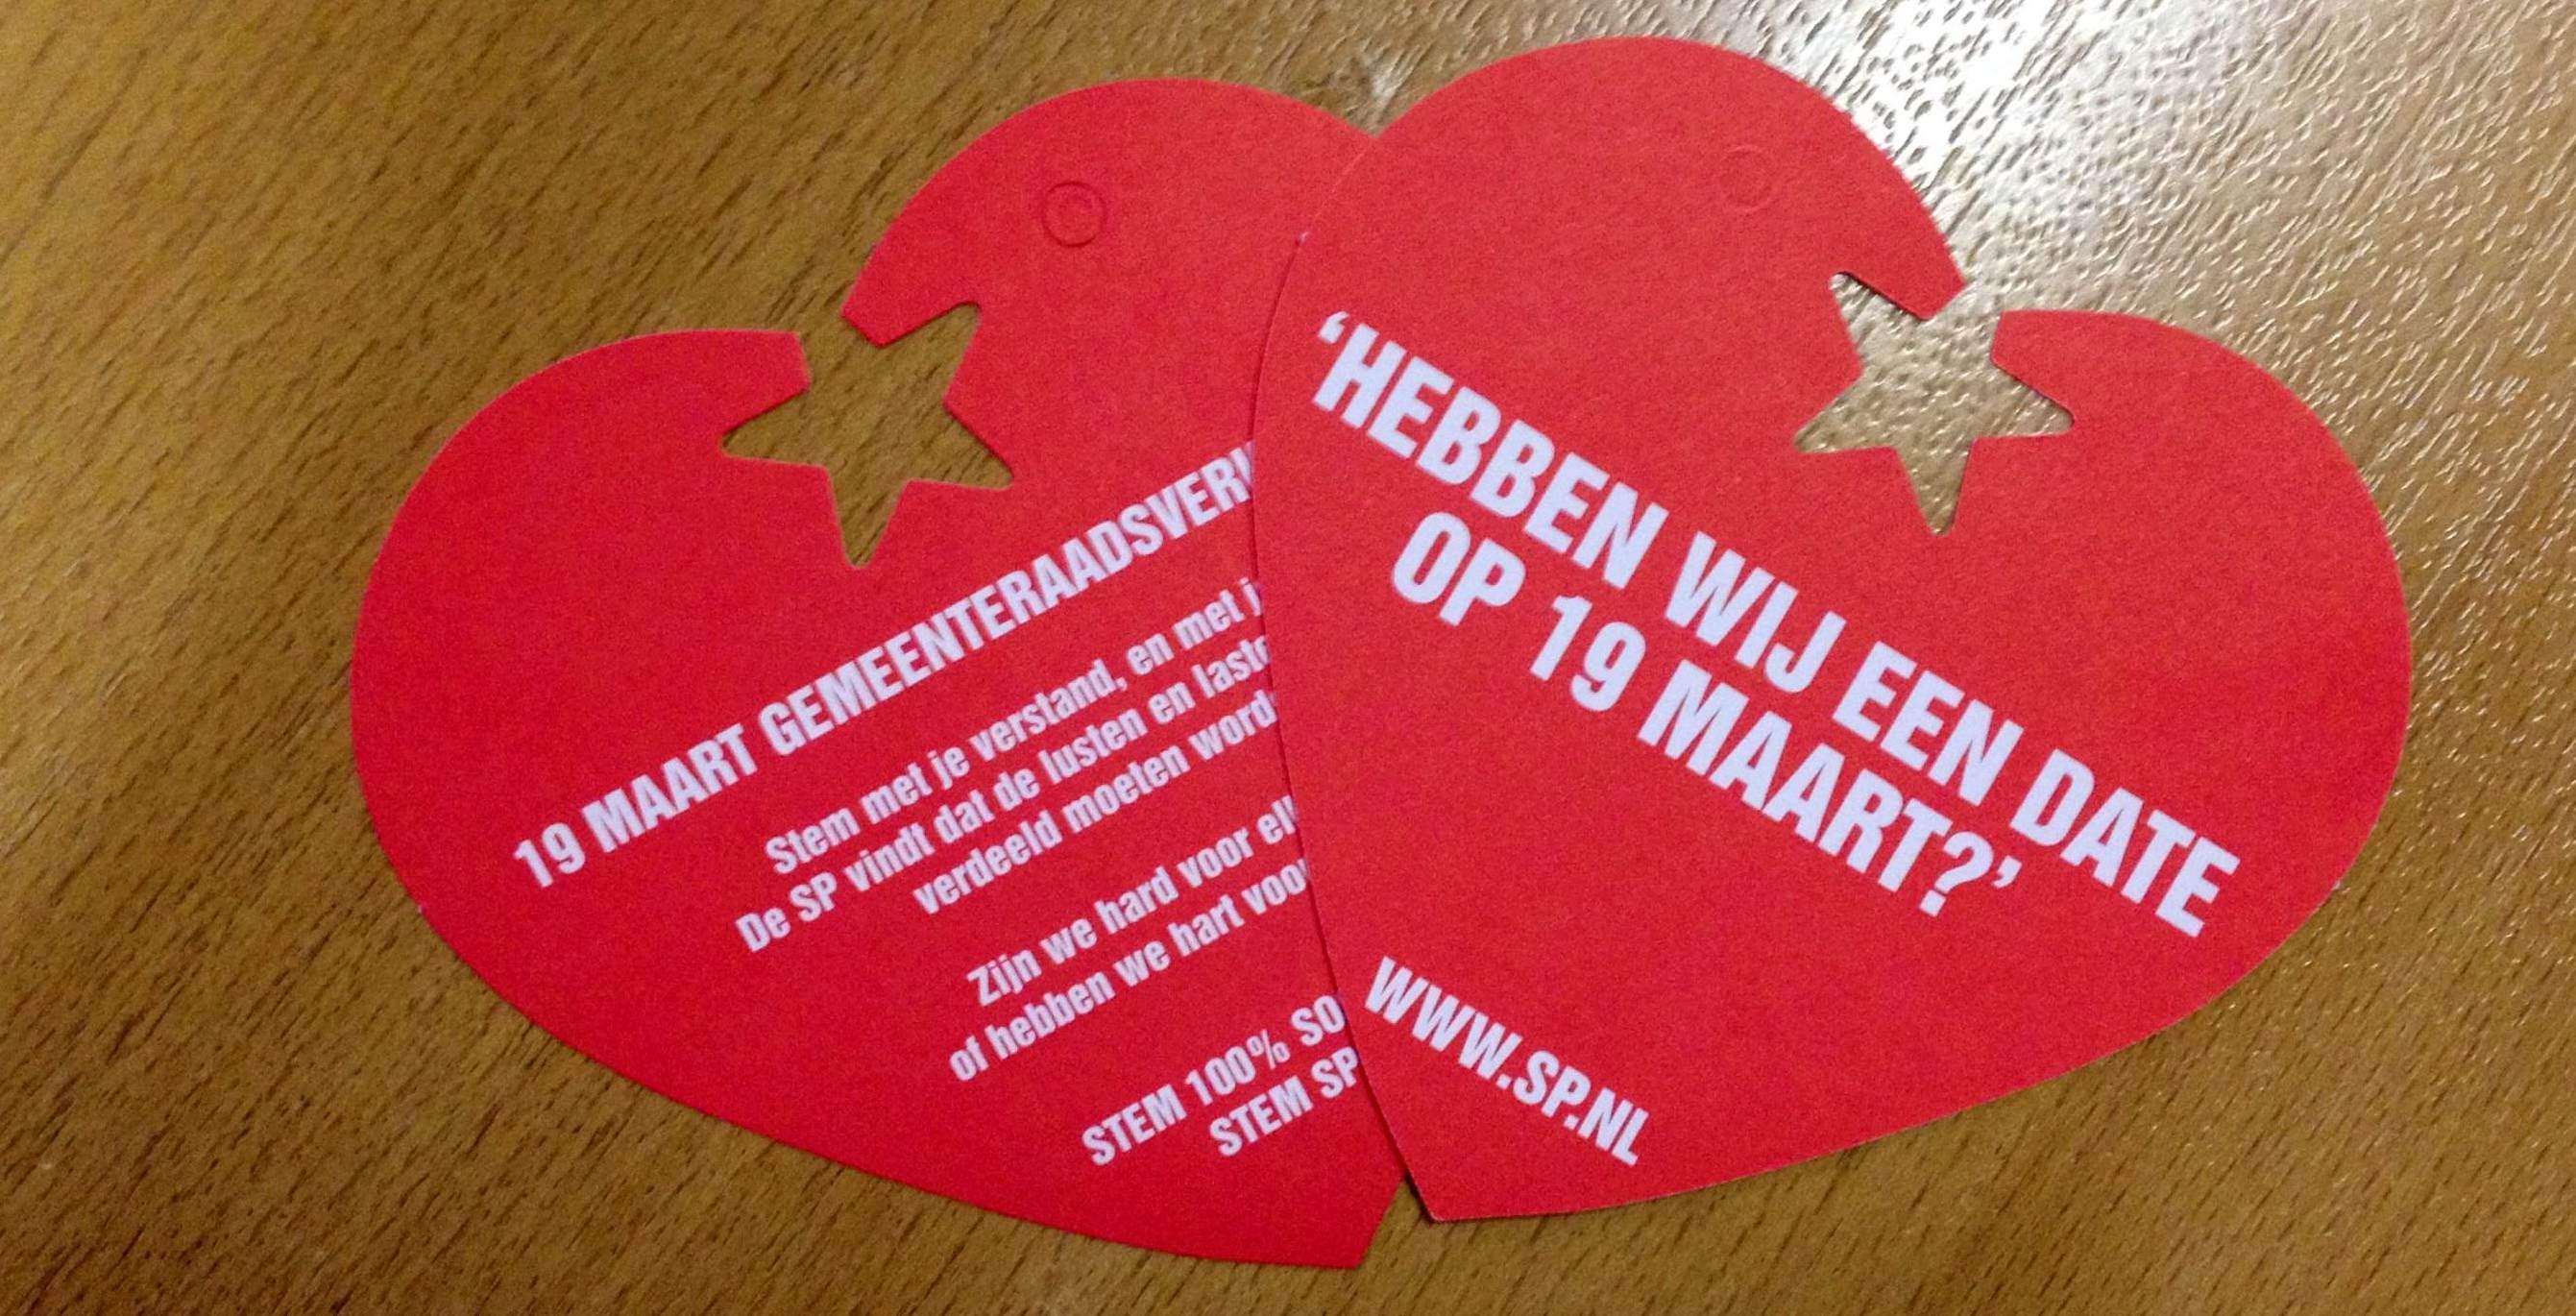 Nieuws uit 2014 sp rotterdam for Rotterdammers voor elkaar